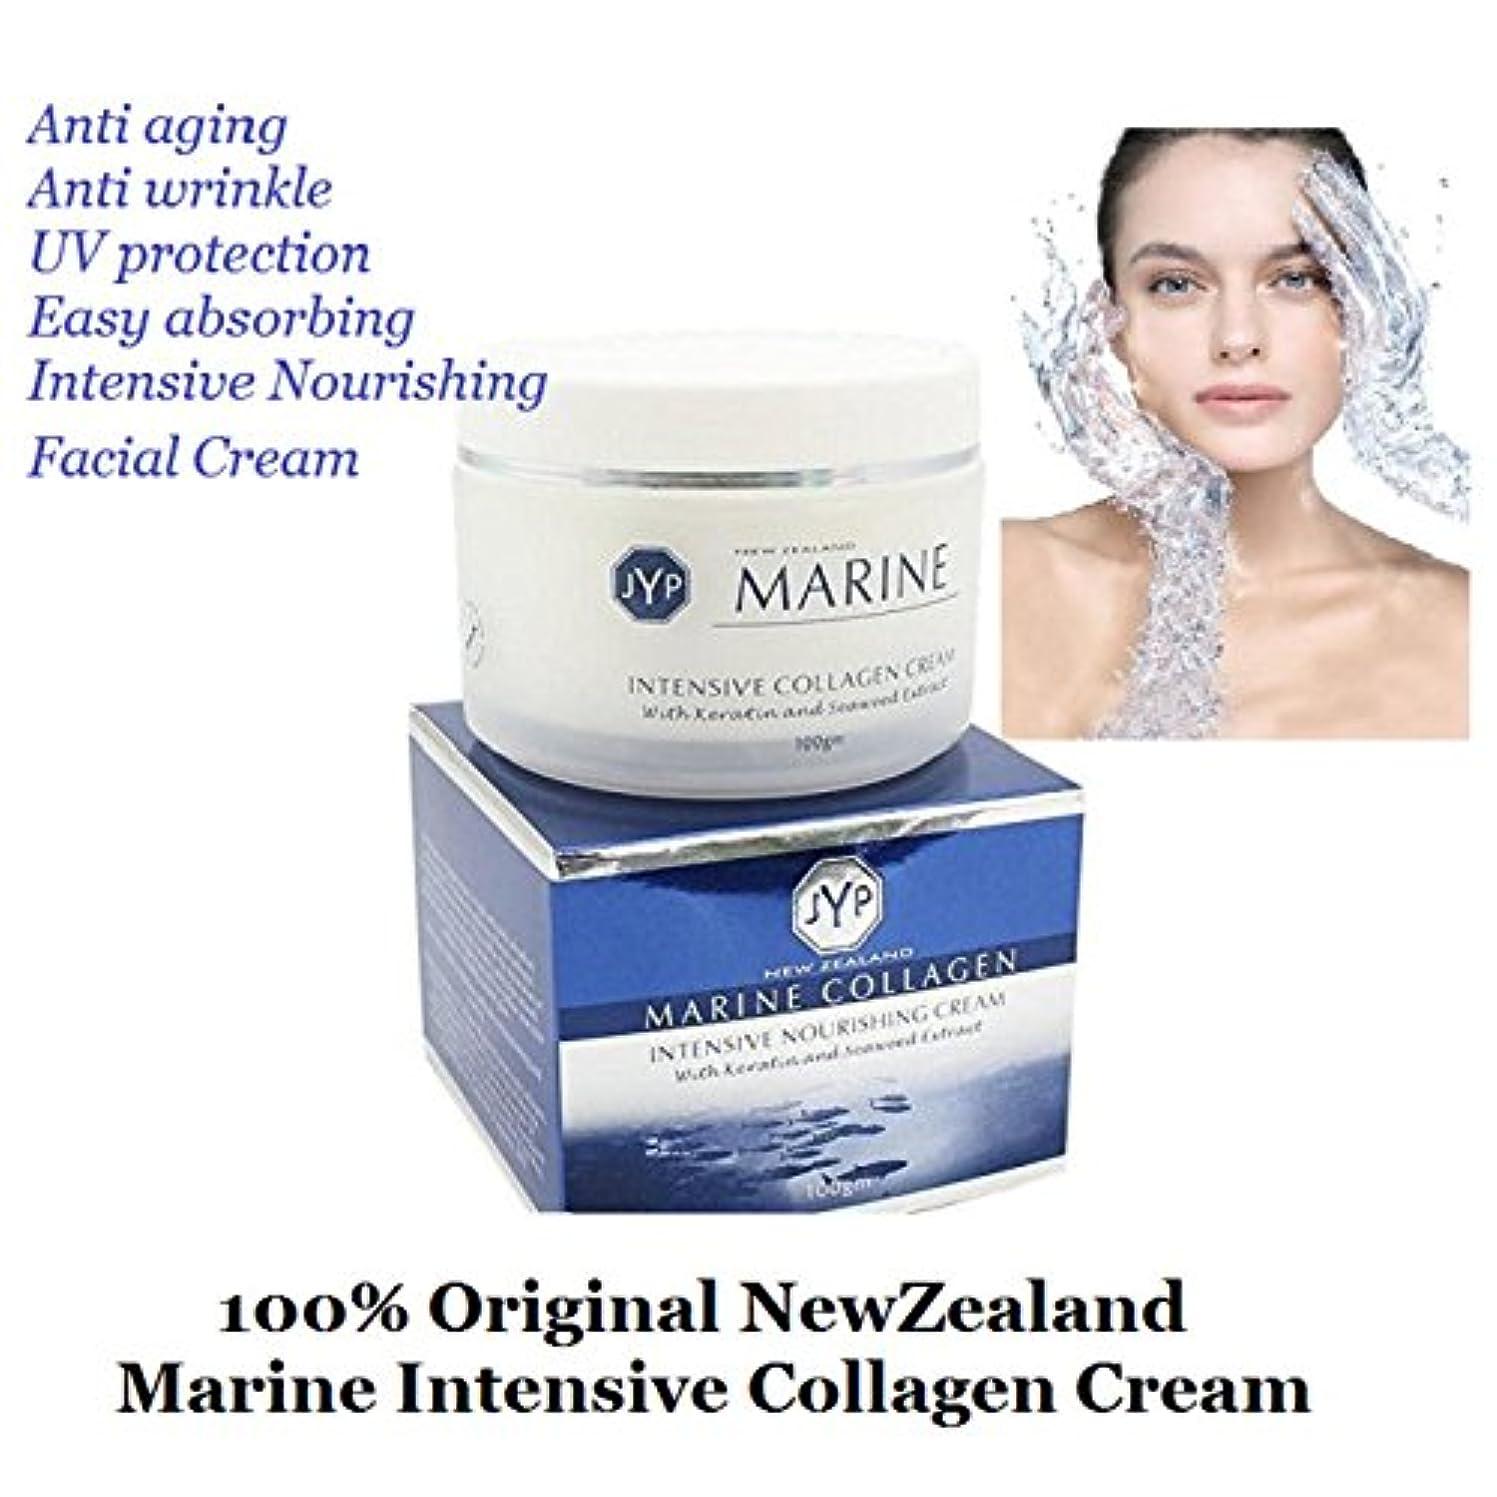 消毒剤ドレス単なる本物のニュージーランドMARINEインテンシブコラーゲンクリームアンチリンクル?フェイシャルクリームインテンシブ栄養クリームフェイシャルクリーム